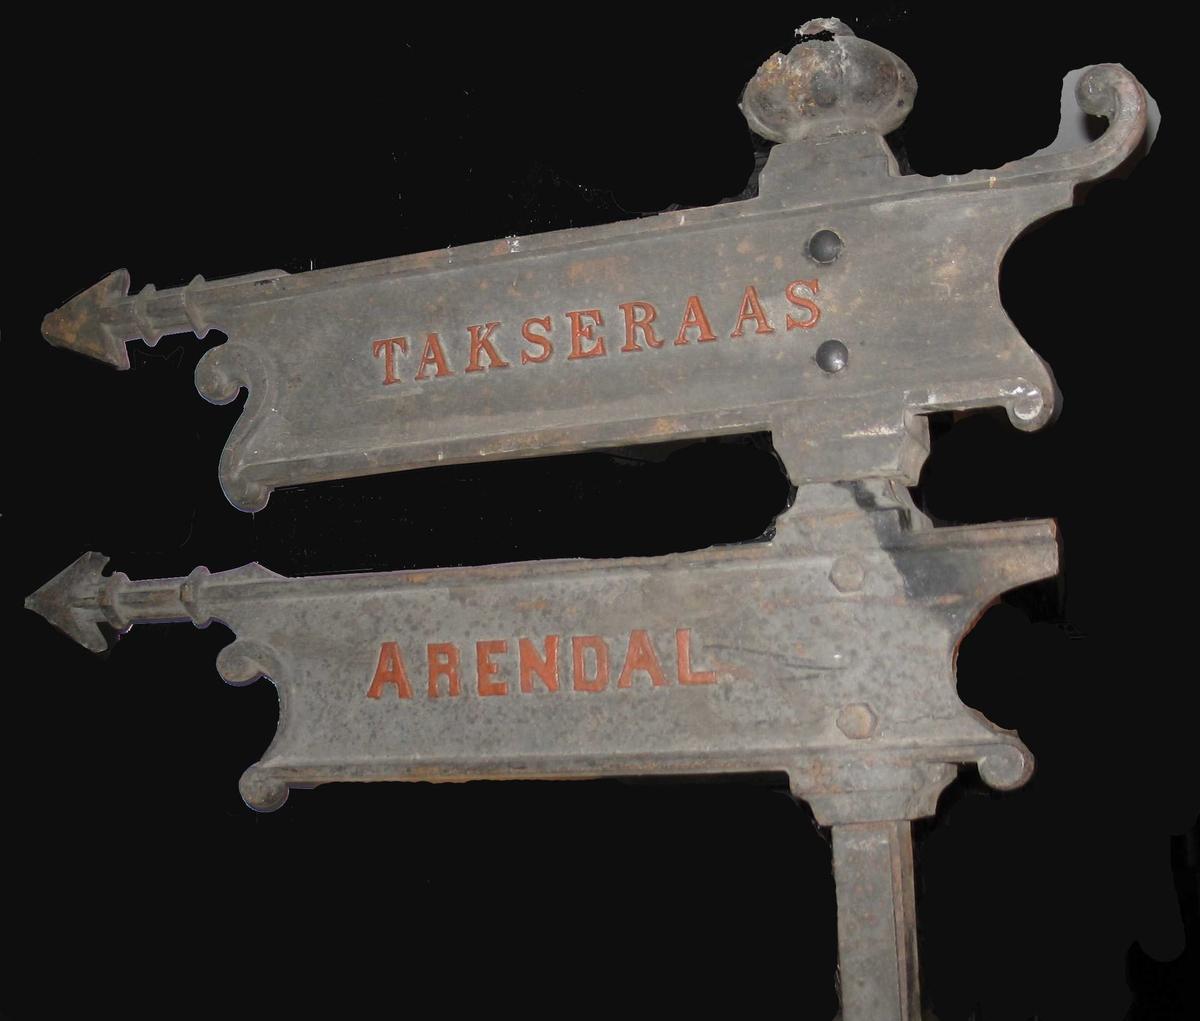 Stolpe m 2 henvisningsskilt med pil mot Arendal og Kolbjøernsvik. Skiltsystemet består av stolper i massivt jern, samt skilt og toppkuler som skrues fast til stolpen, det er skruehull i skilt og kuler. Kulene er ikke helt runde, Selve skiltene er elegant utformet med enkel akantuspynt i begge ender. Det var svak rødfarge på bokstavene på Arendal og Kolbjørnsvik. Dette er forsterket da skiltene ble montert i ustsillingen 2001.